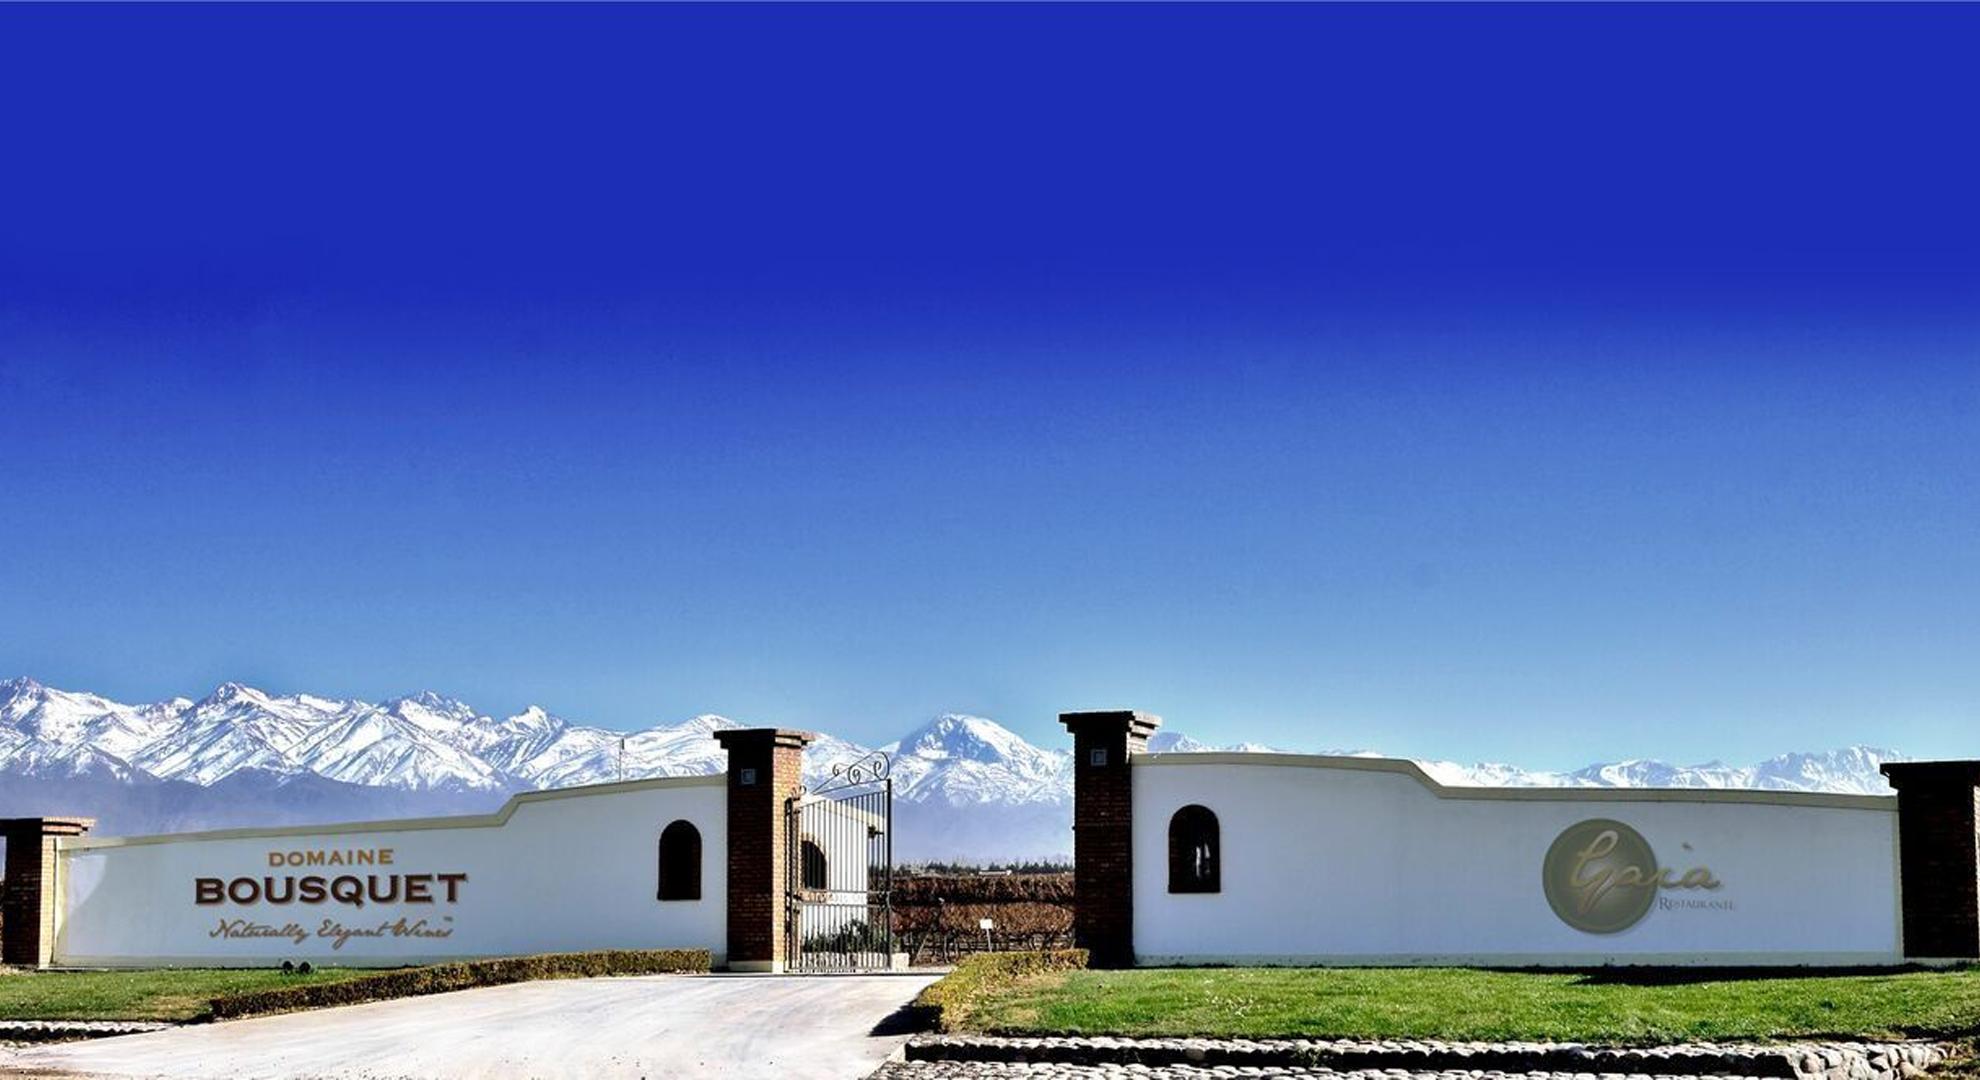 Photo du portail du Domaine Bousquet, avec des montagnes et un ciel bleu.